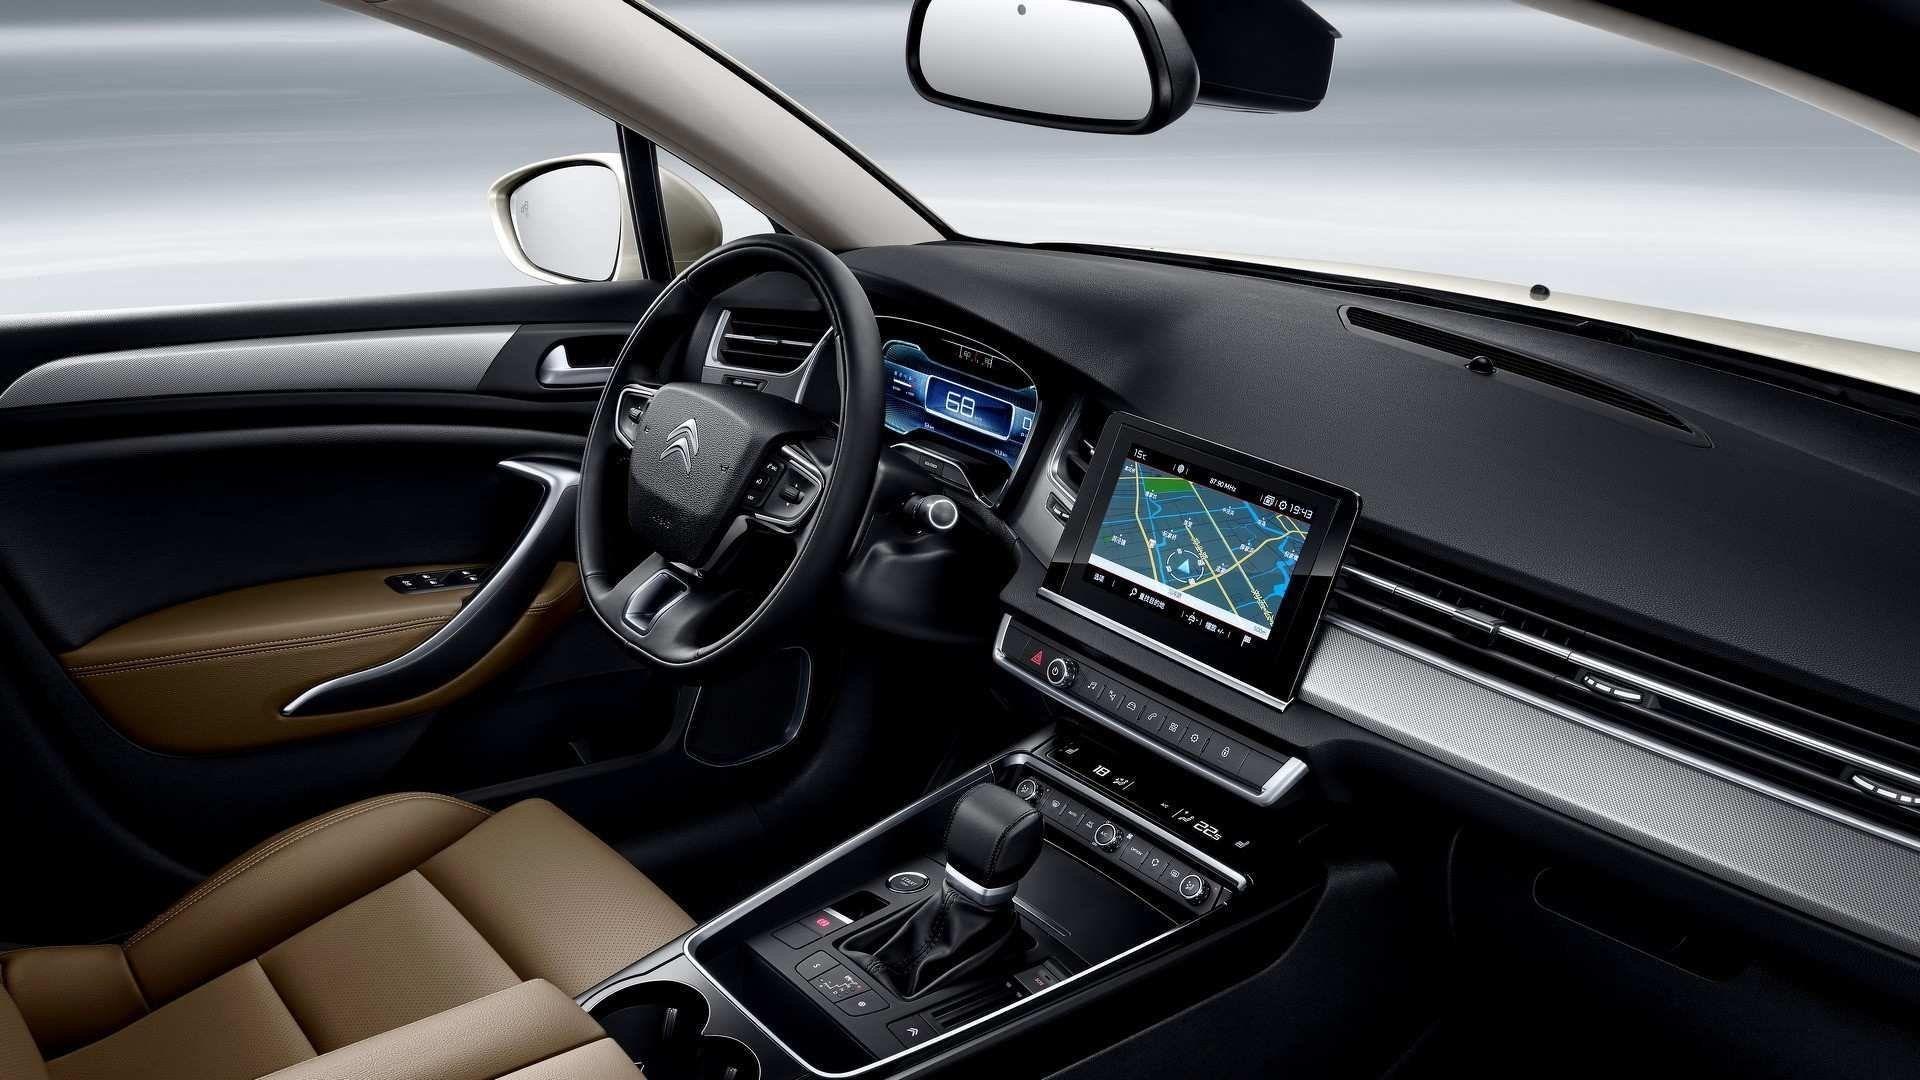 New Citroen C5 2020 Ratings Citroën c5, Citroen, Big car